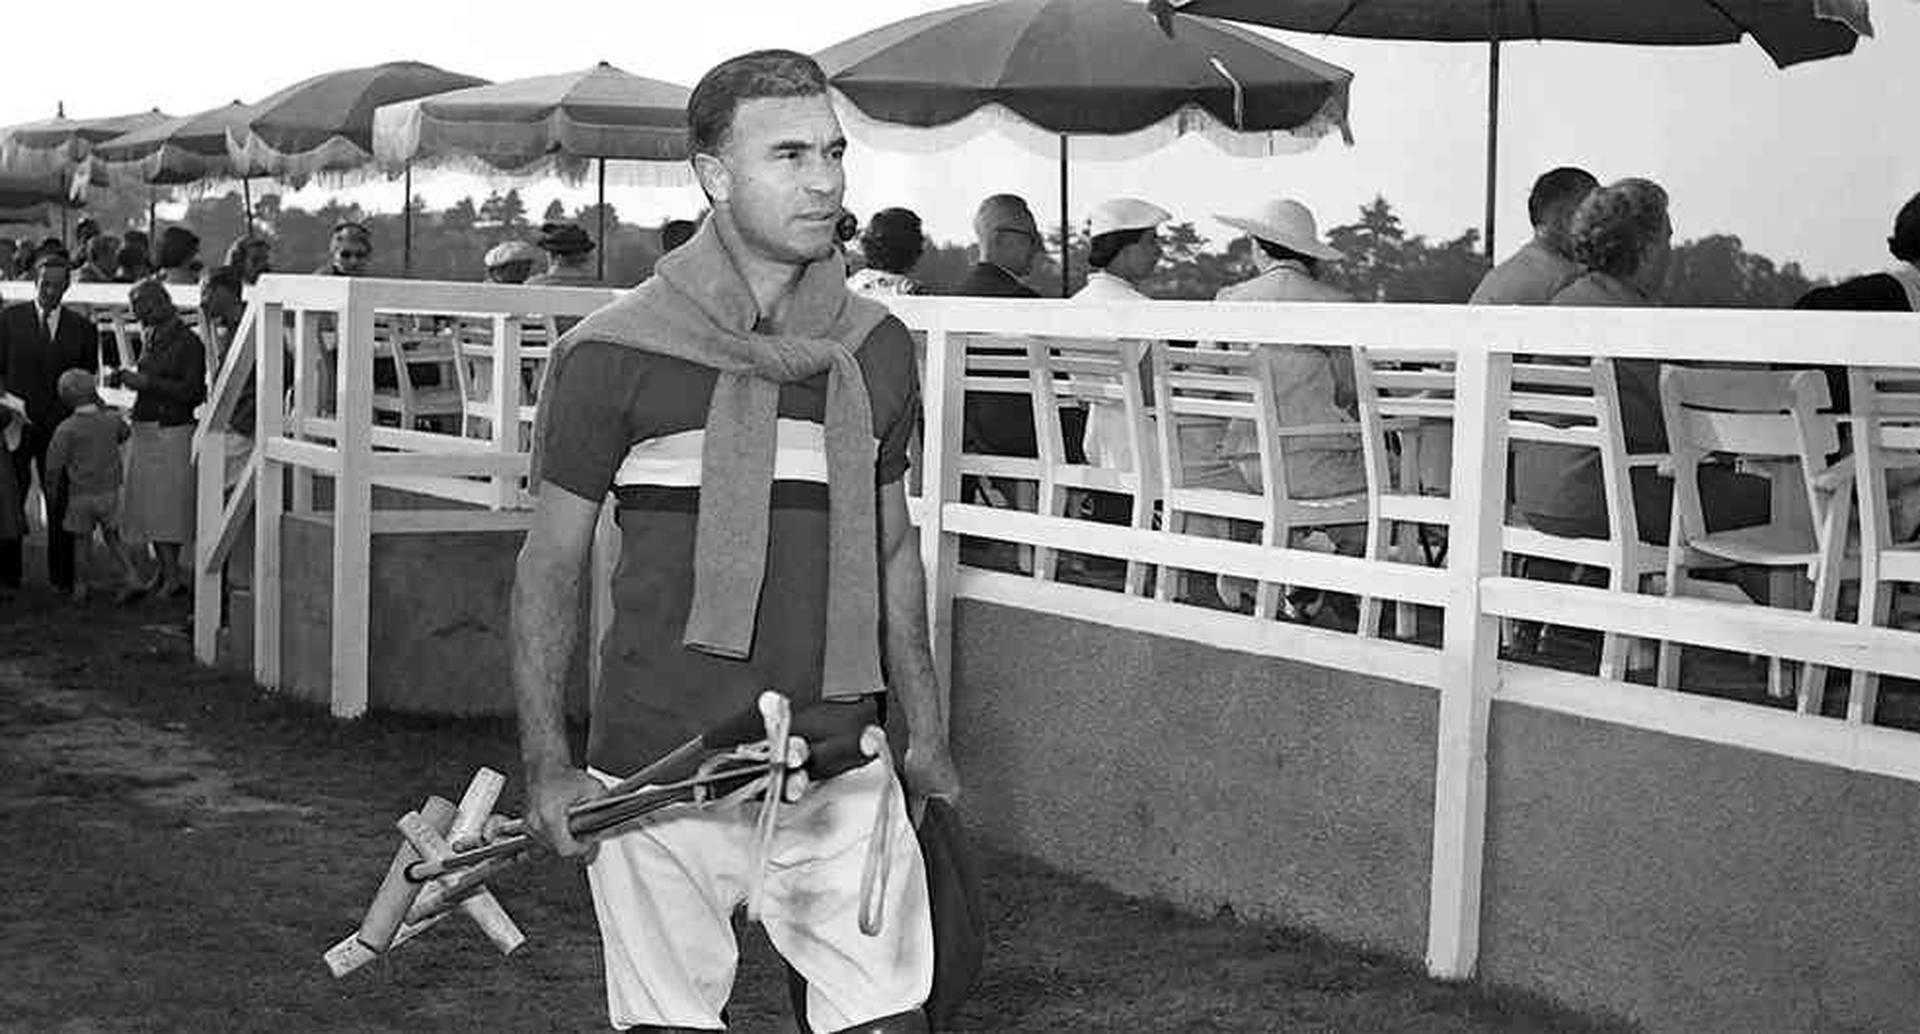 Porfirio Rubirosa forjó su leyenda entre autos, canchas de polo, personalidades y mujeres.